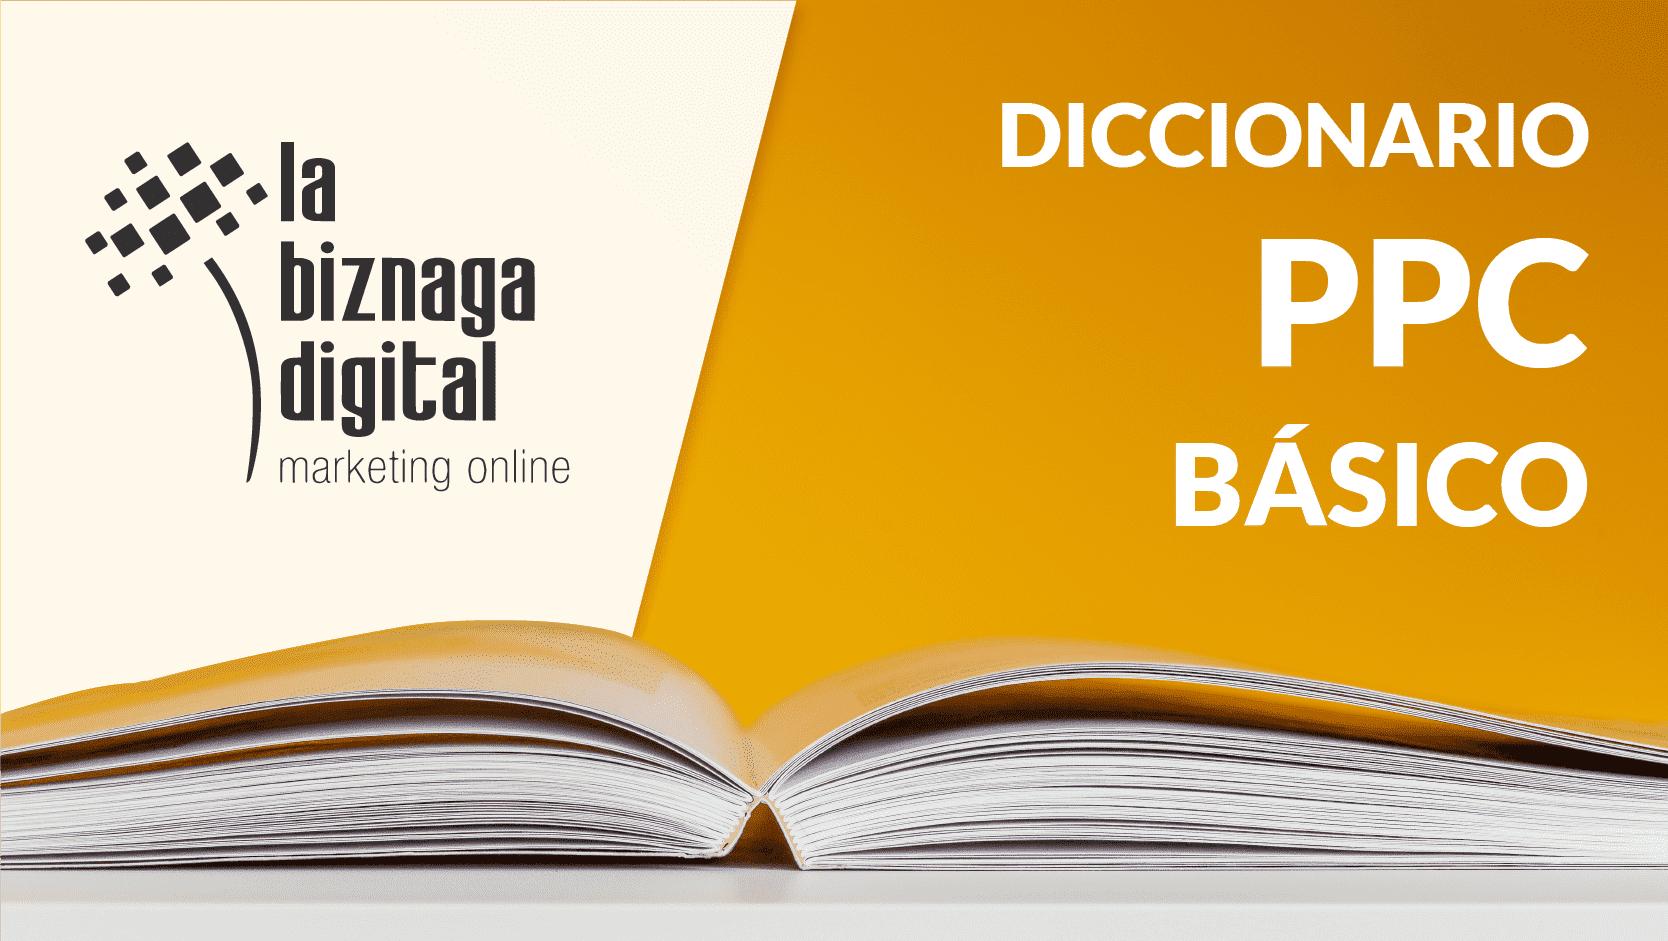 Diccionario PPC básico